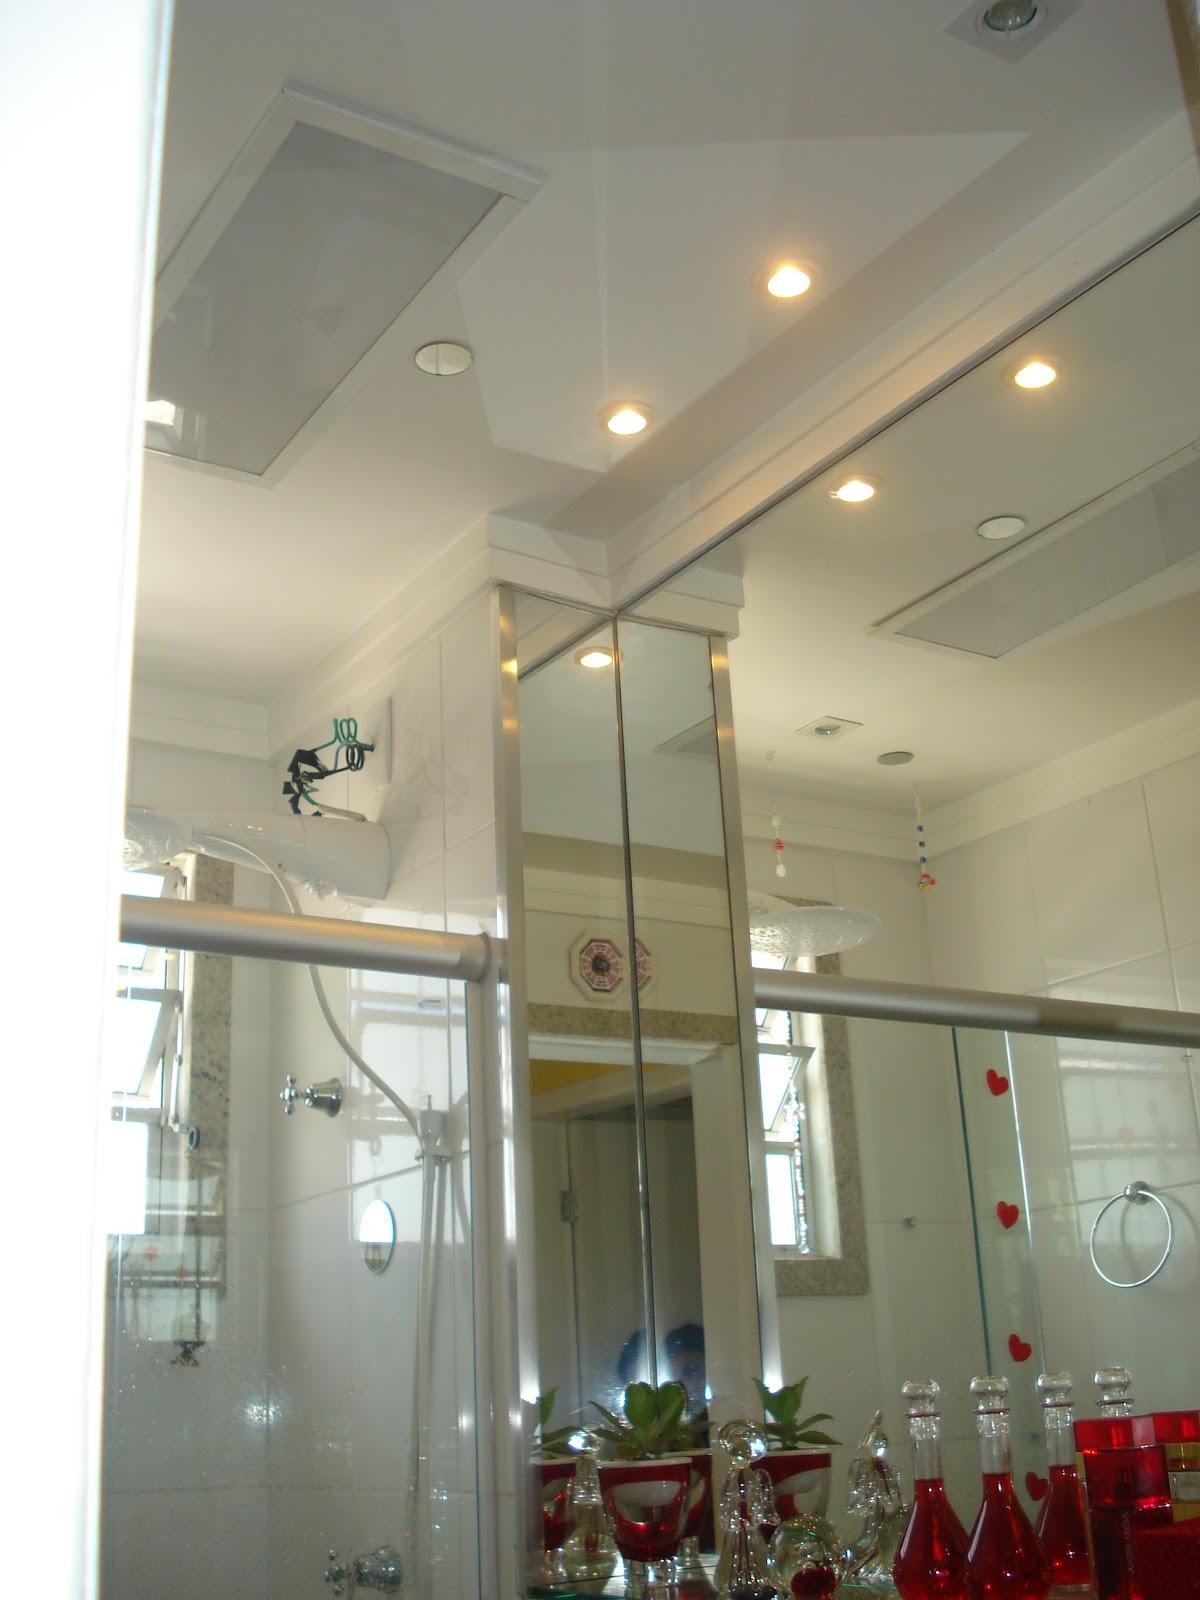 Espelhos no teto para equilibrar energia dos banheiros Banheiro no  #643428 1200 1600